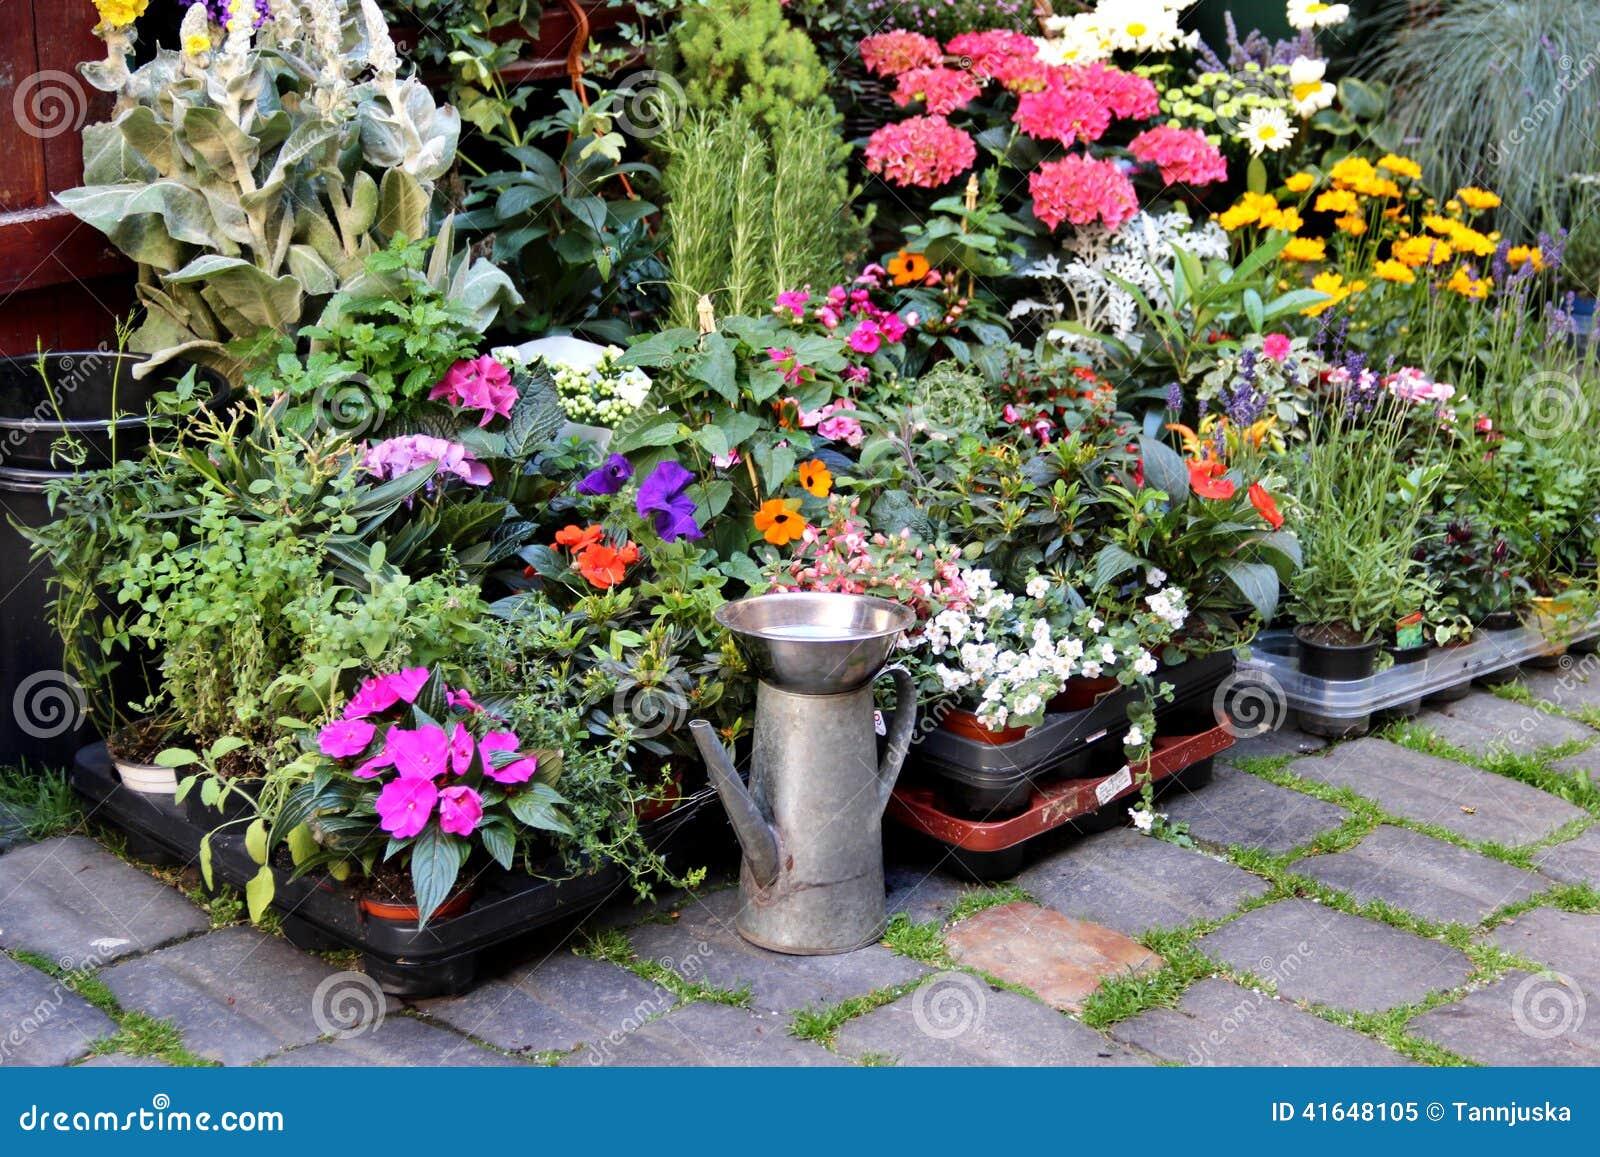 Mezcla De Flores Vivas Hermosas De La Terraza Imagen De